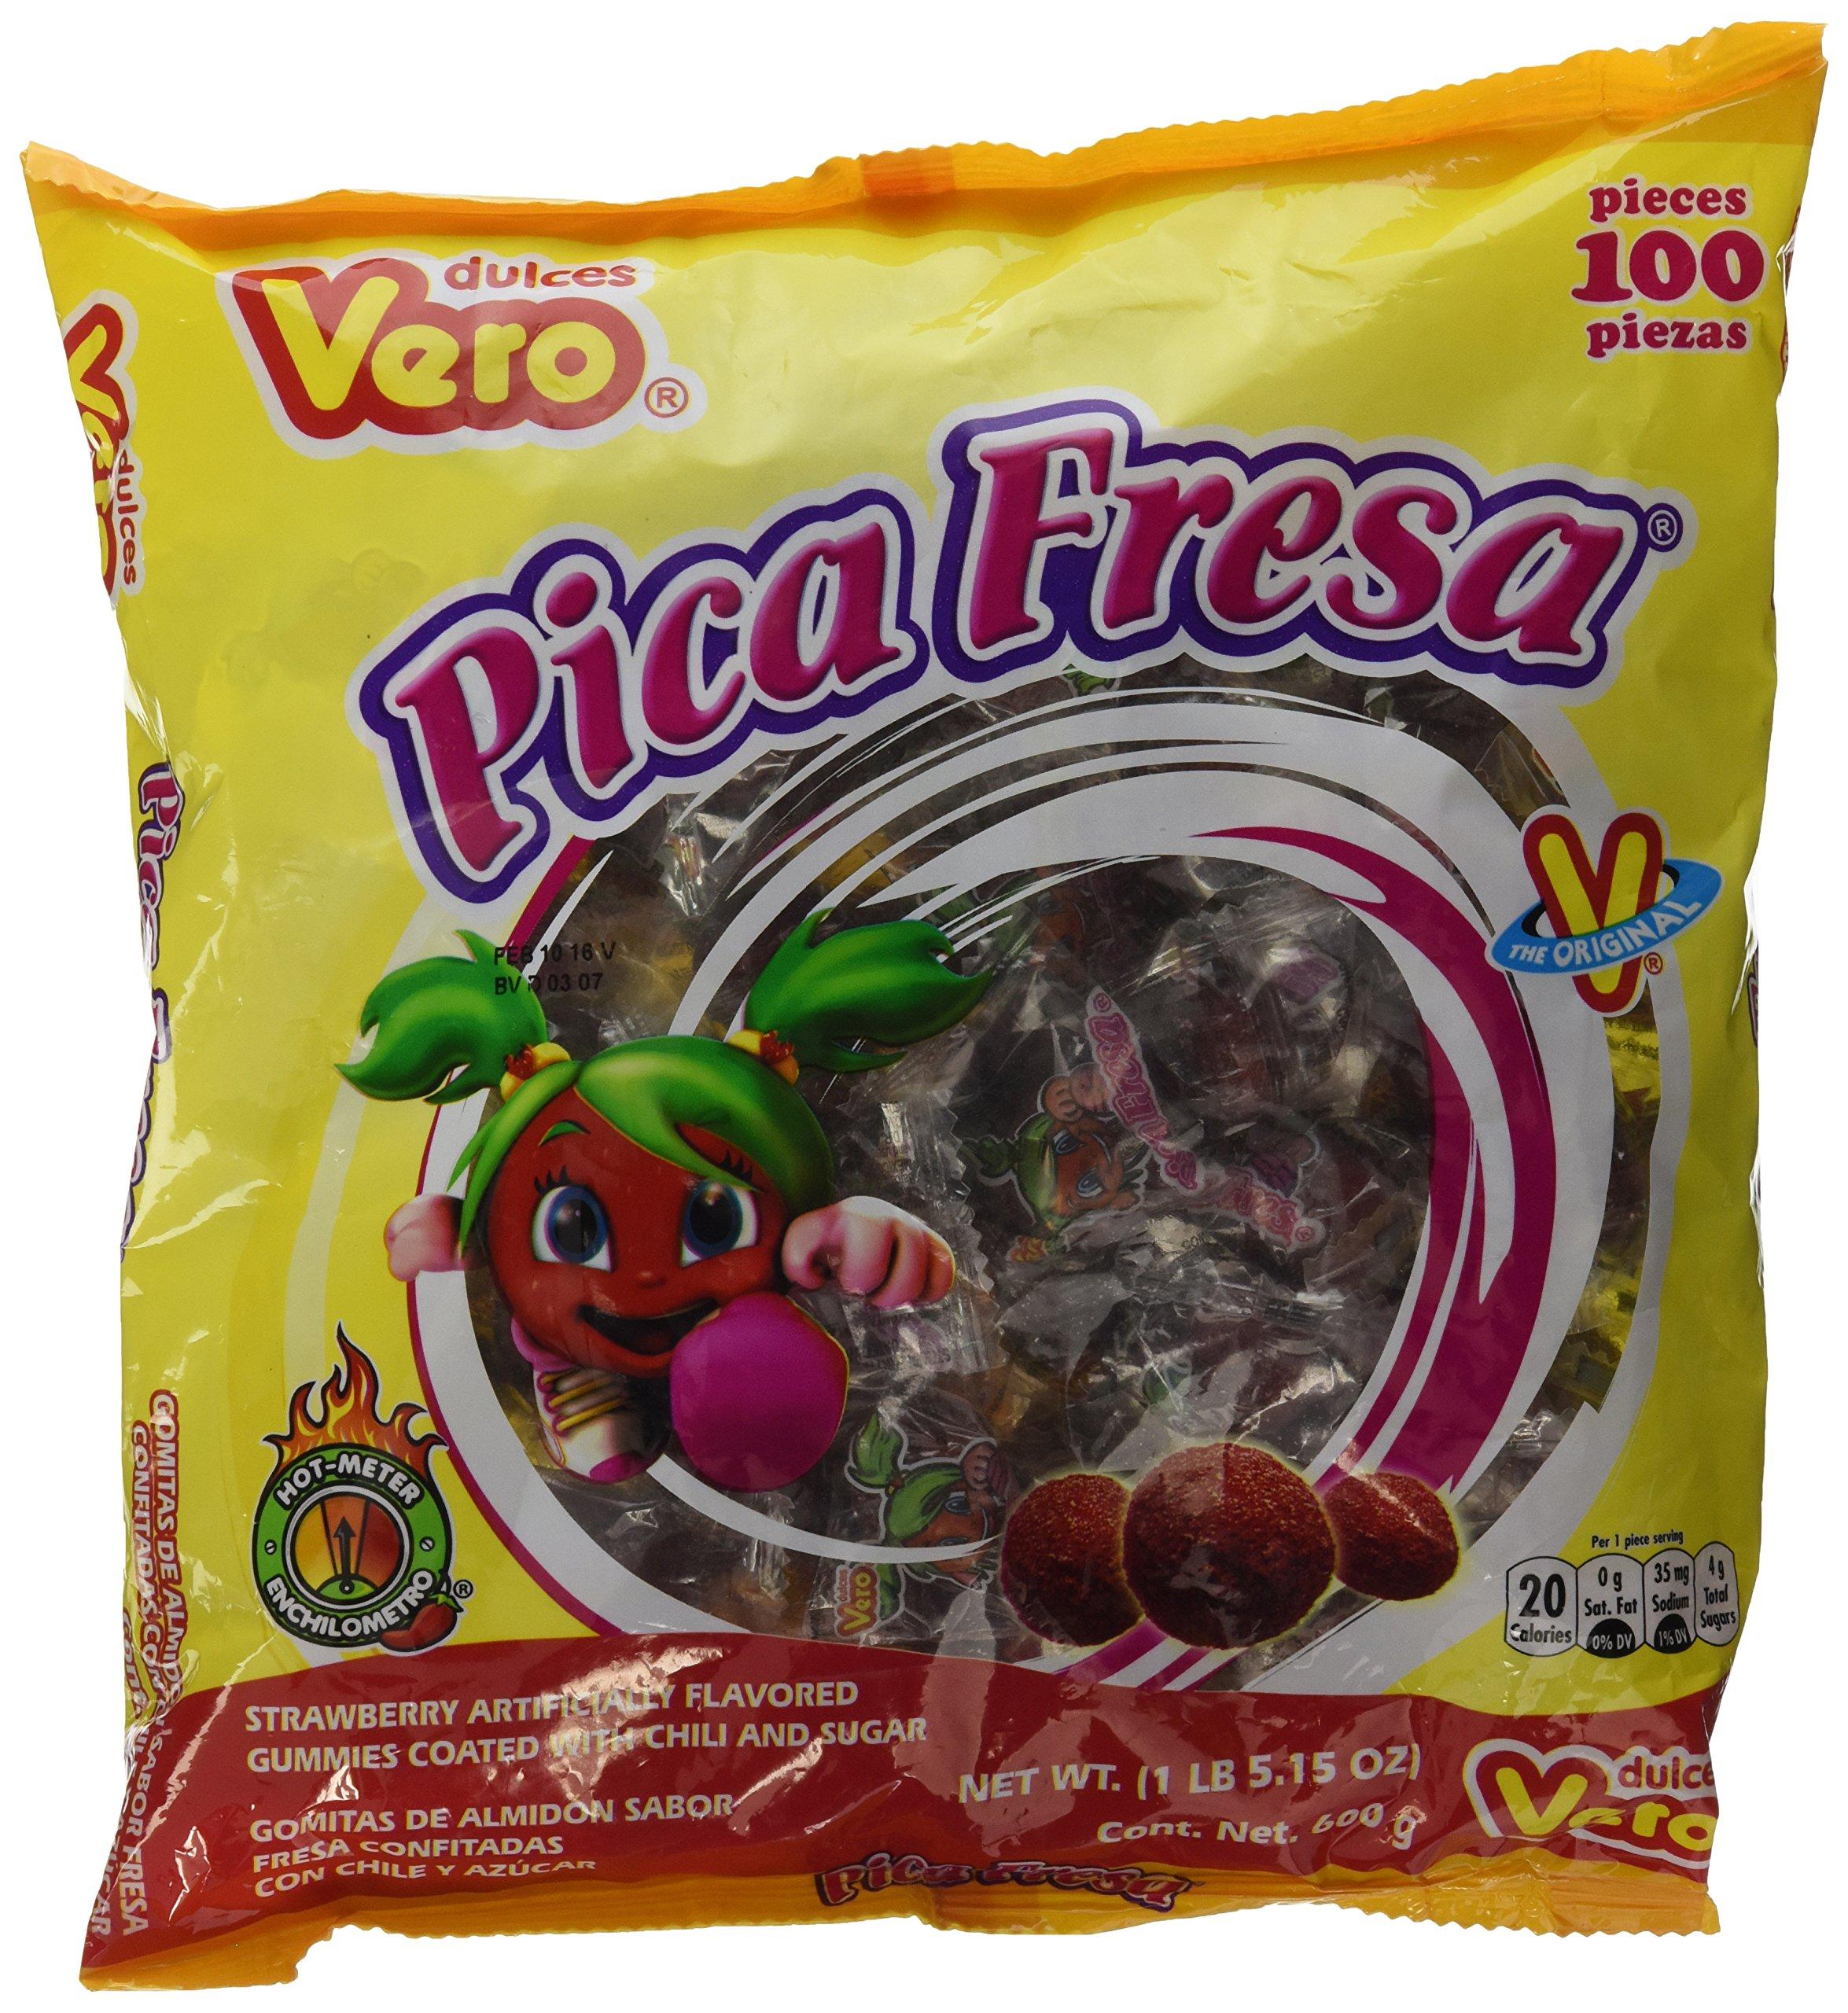 Vero Pica Fresa Chili Strawberry Flavor Gummy Mexican Candy,100 Pieces,1 LB,5.15 OZ